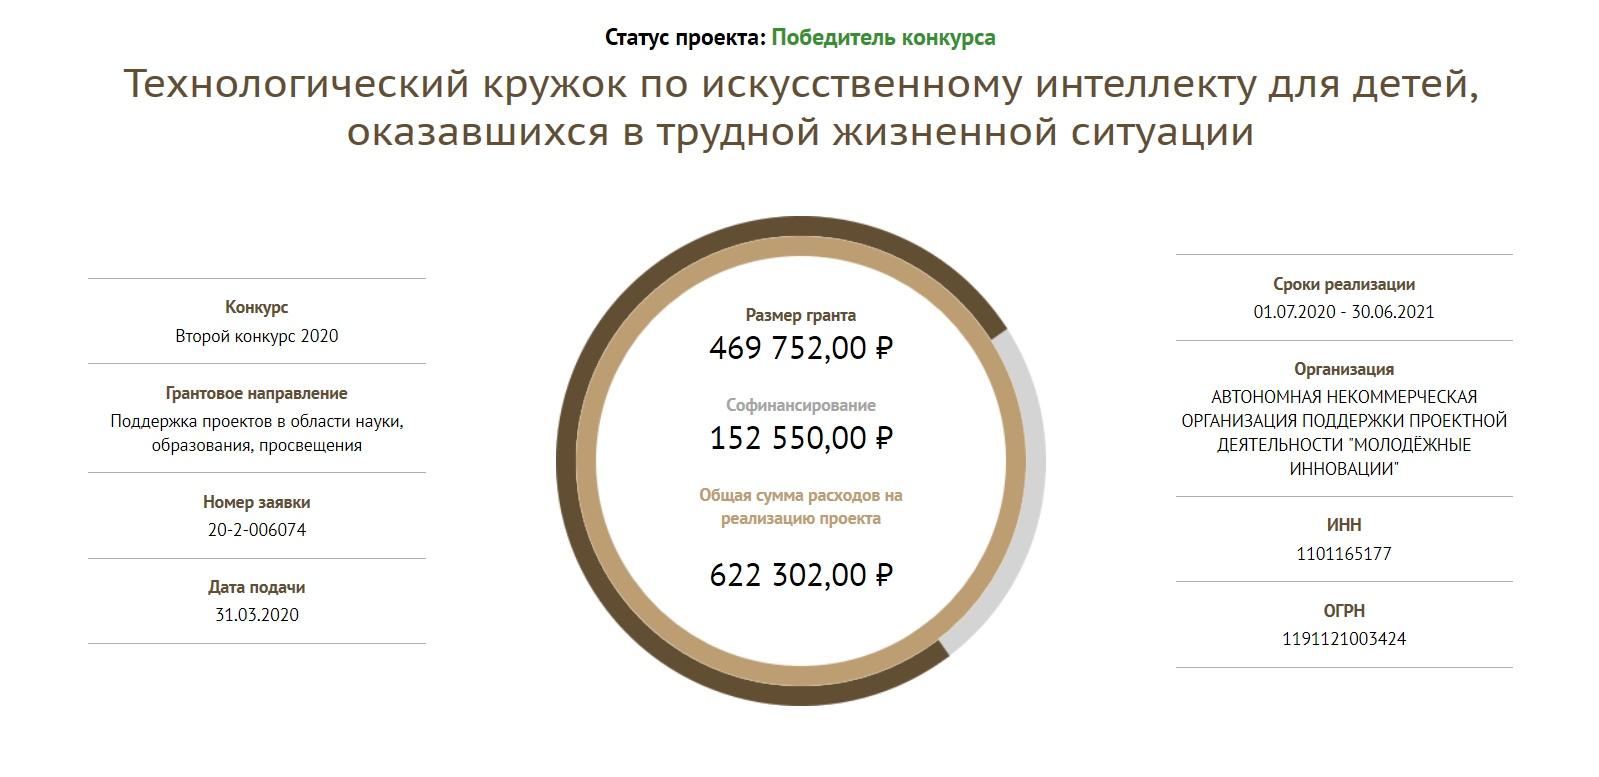 Кружок по искусственному интеллекту получил поддержку Фонда президентских грантов